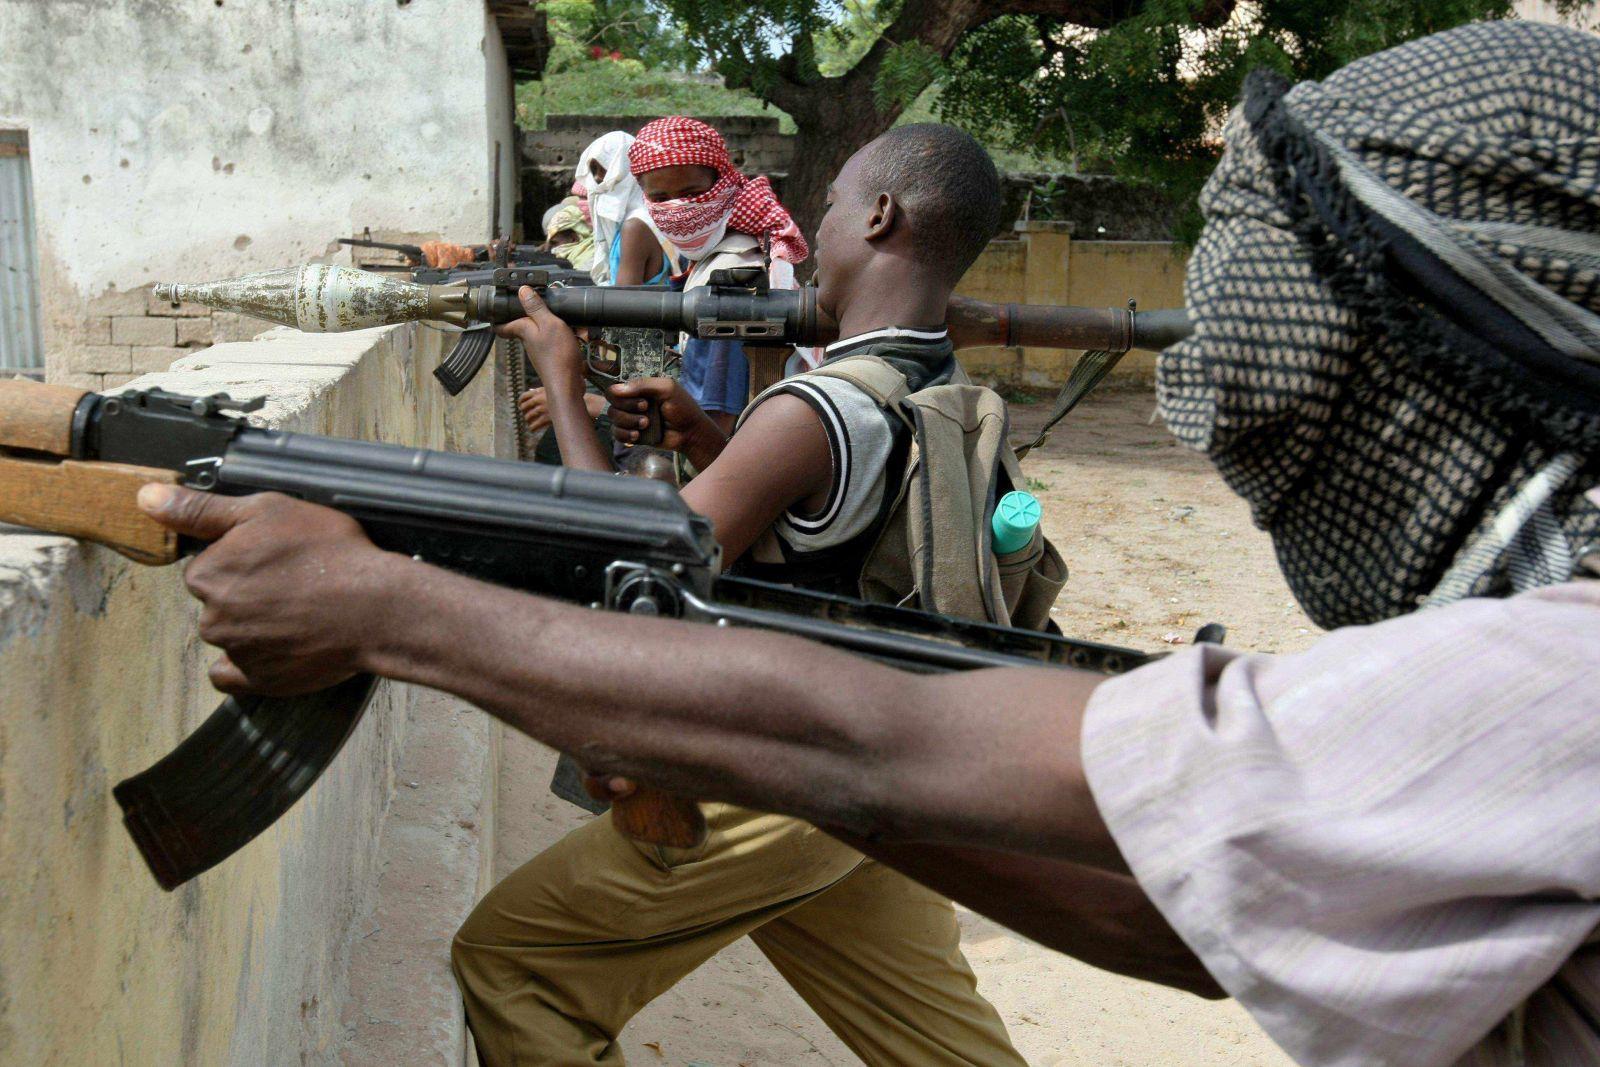 الشباب الصومالية تستولي على مدينة قرب حدود كينيا